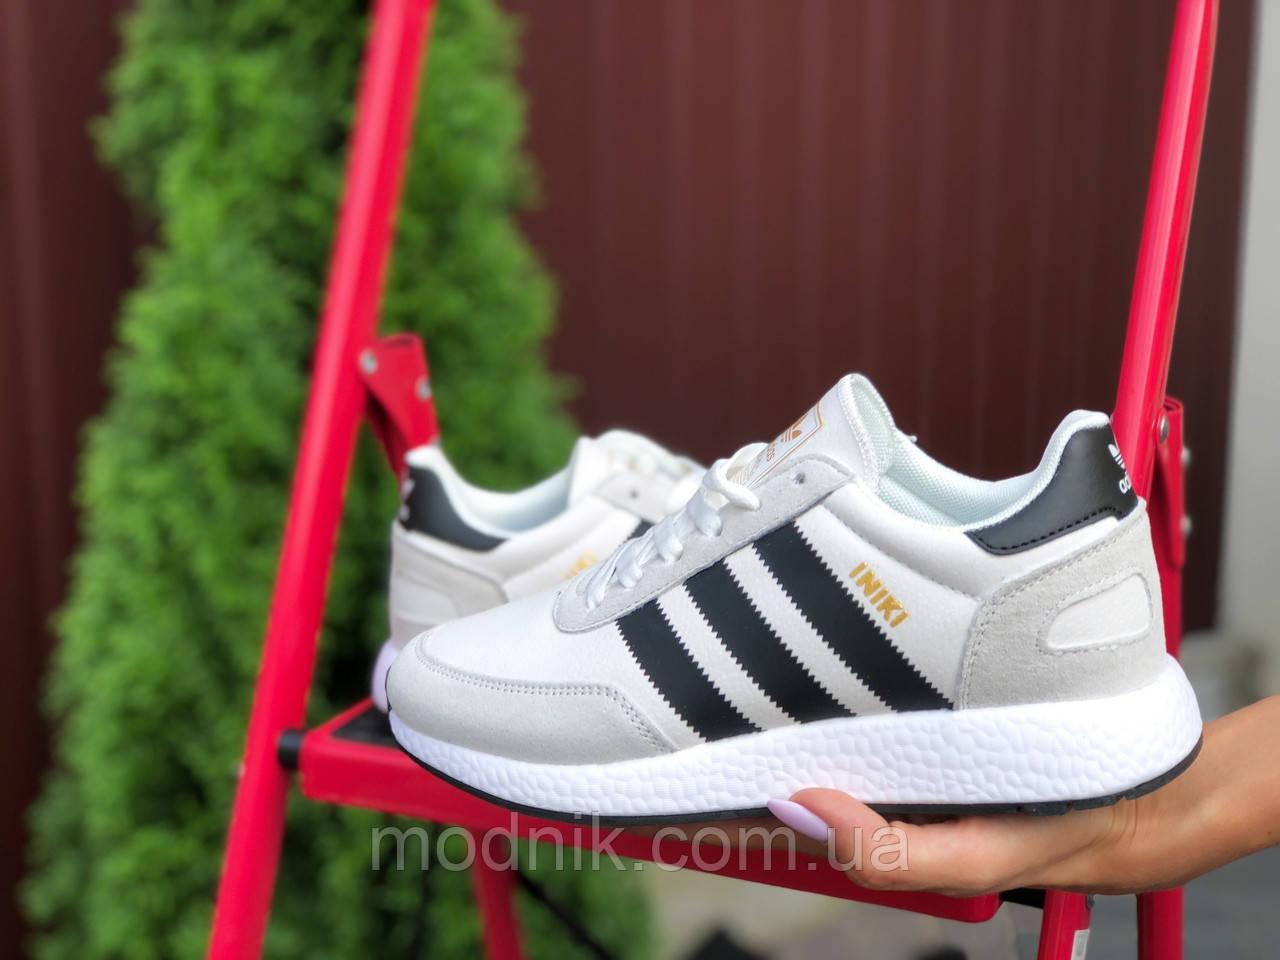 Женские кроссовки Adidas Iniki (бело-черные) 9781